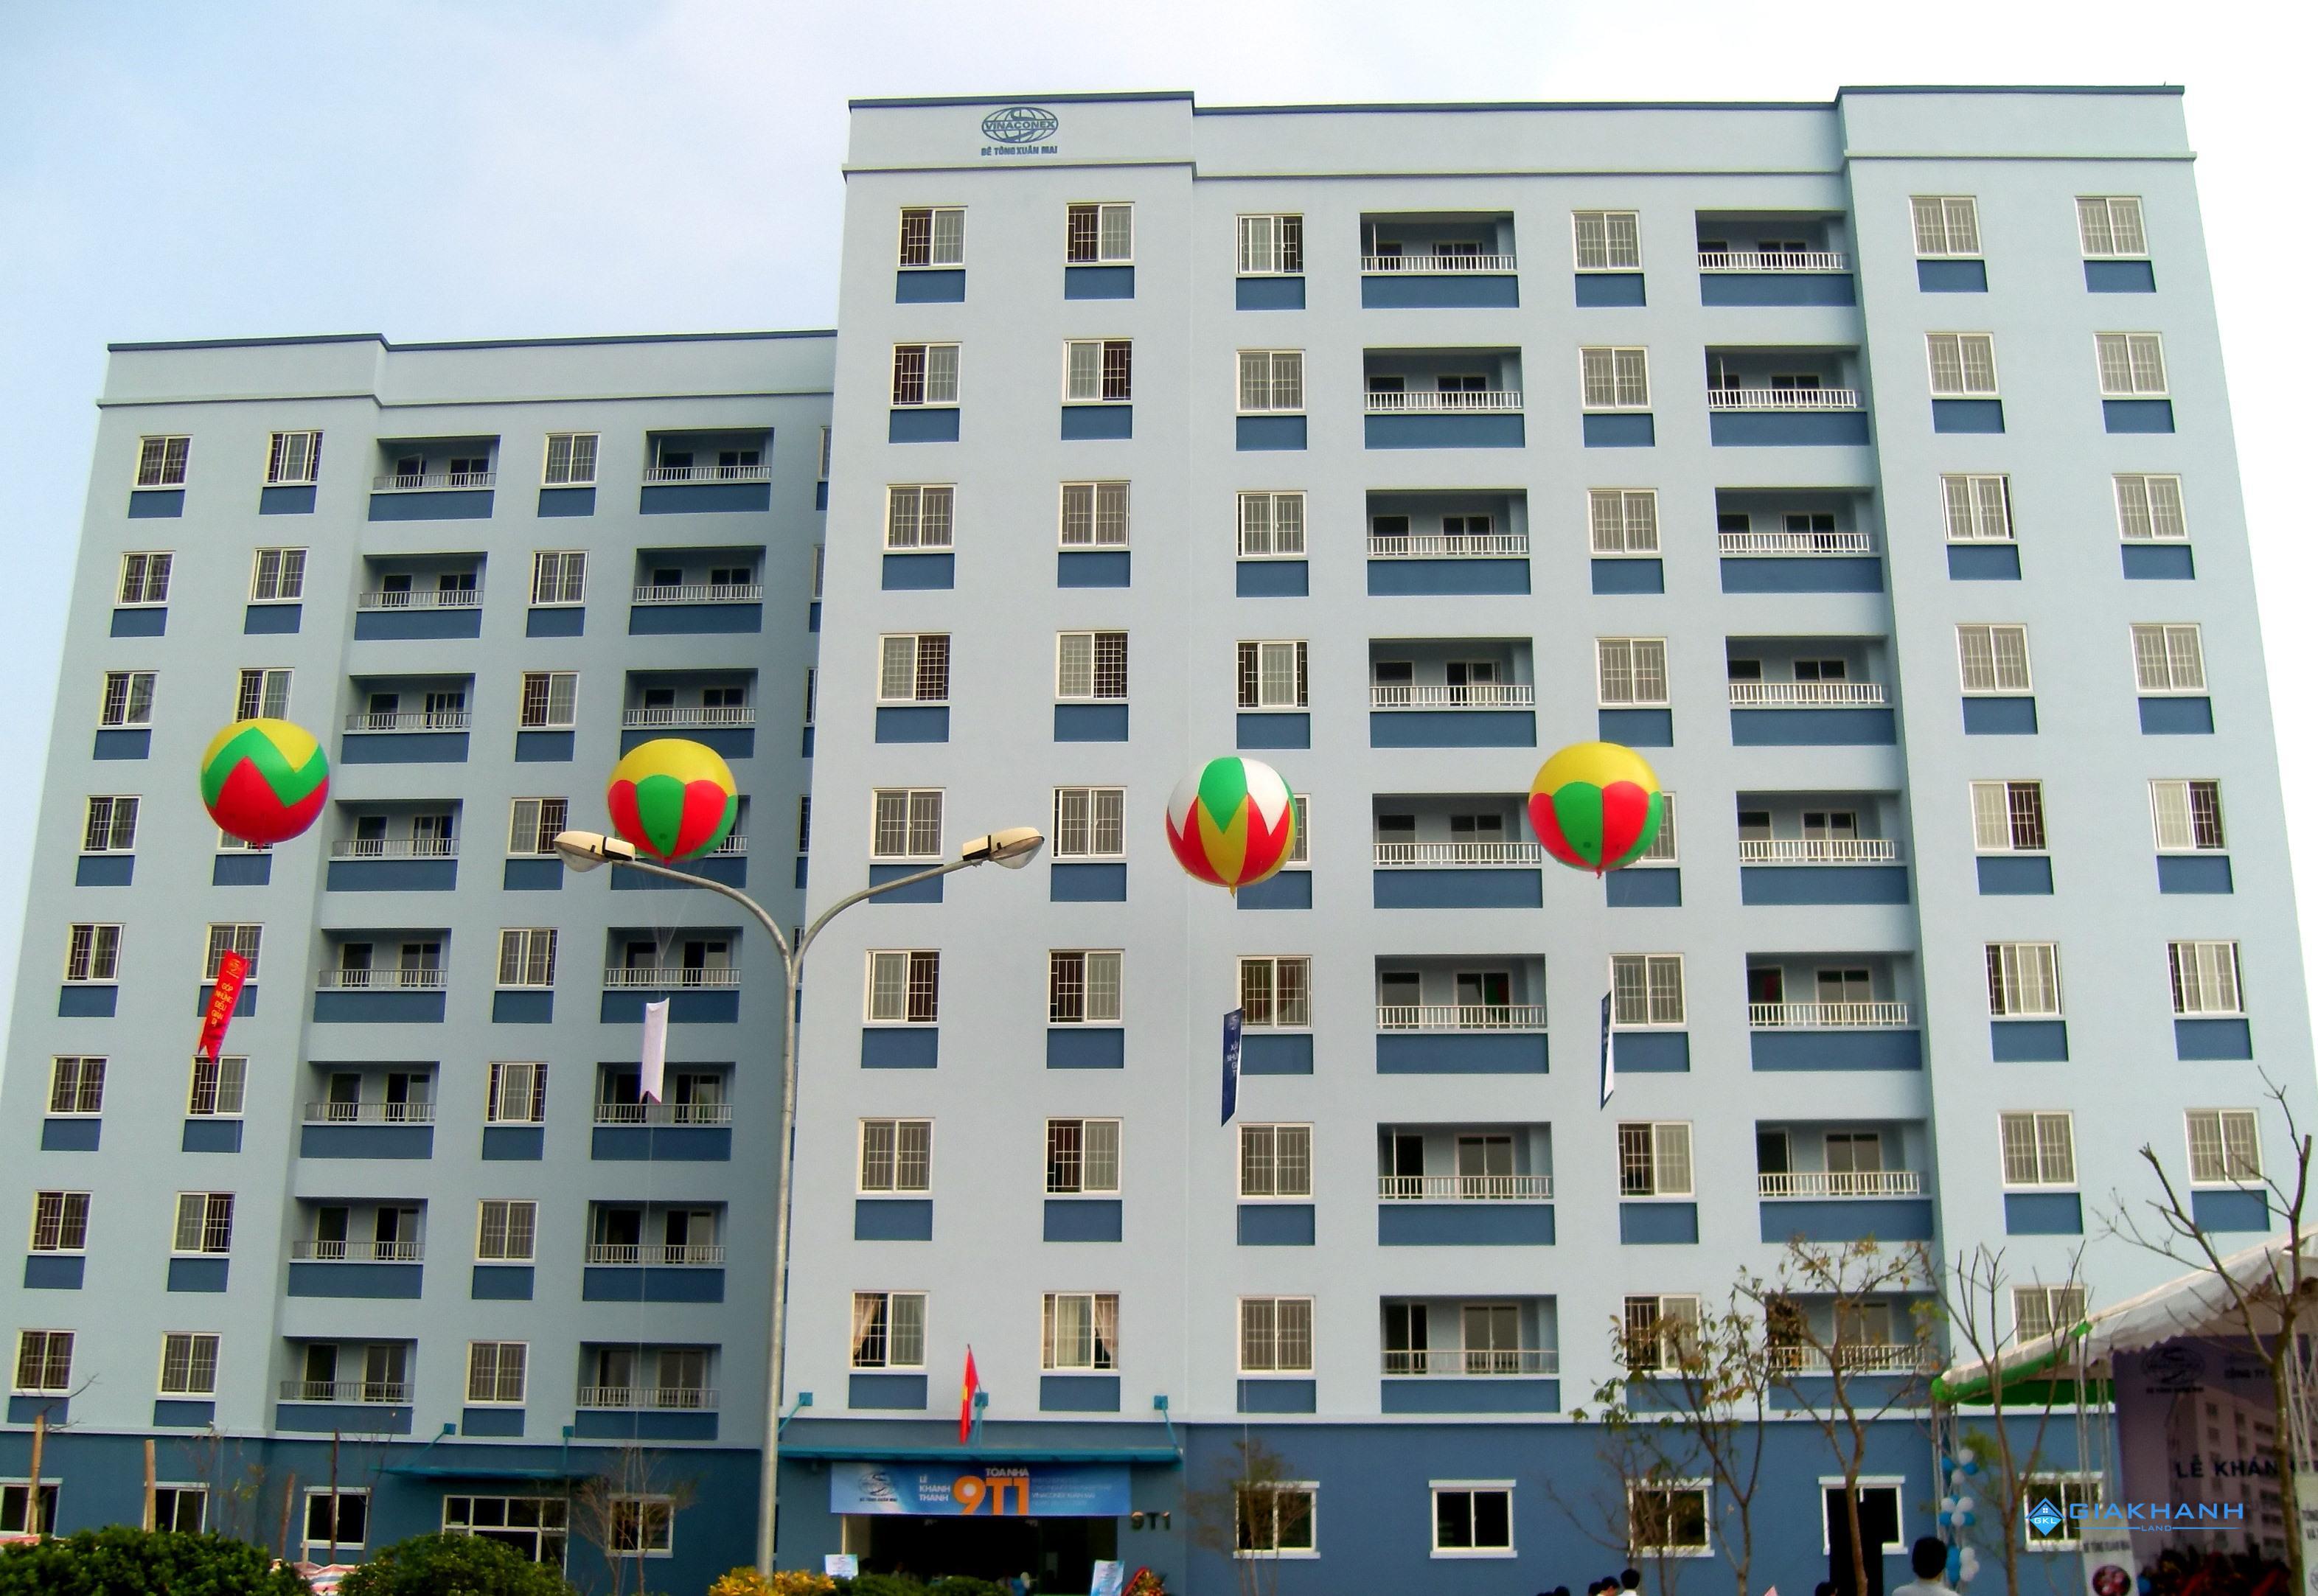 Lựa chọn mua căn hộ chung cư tại Hà Nội như thế nào?